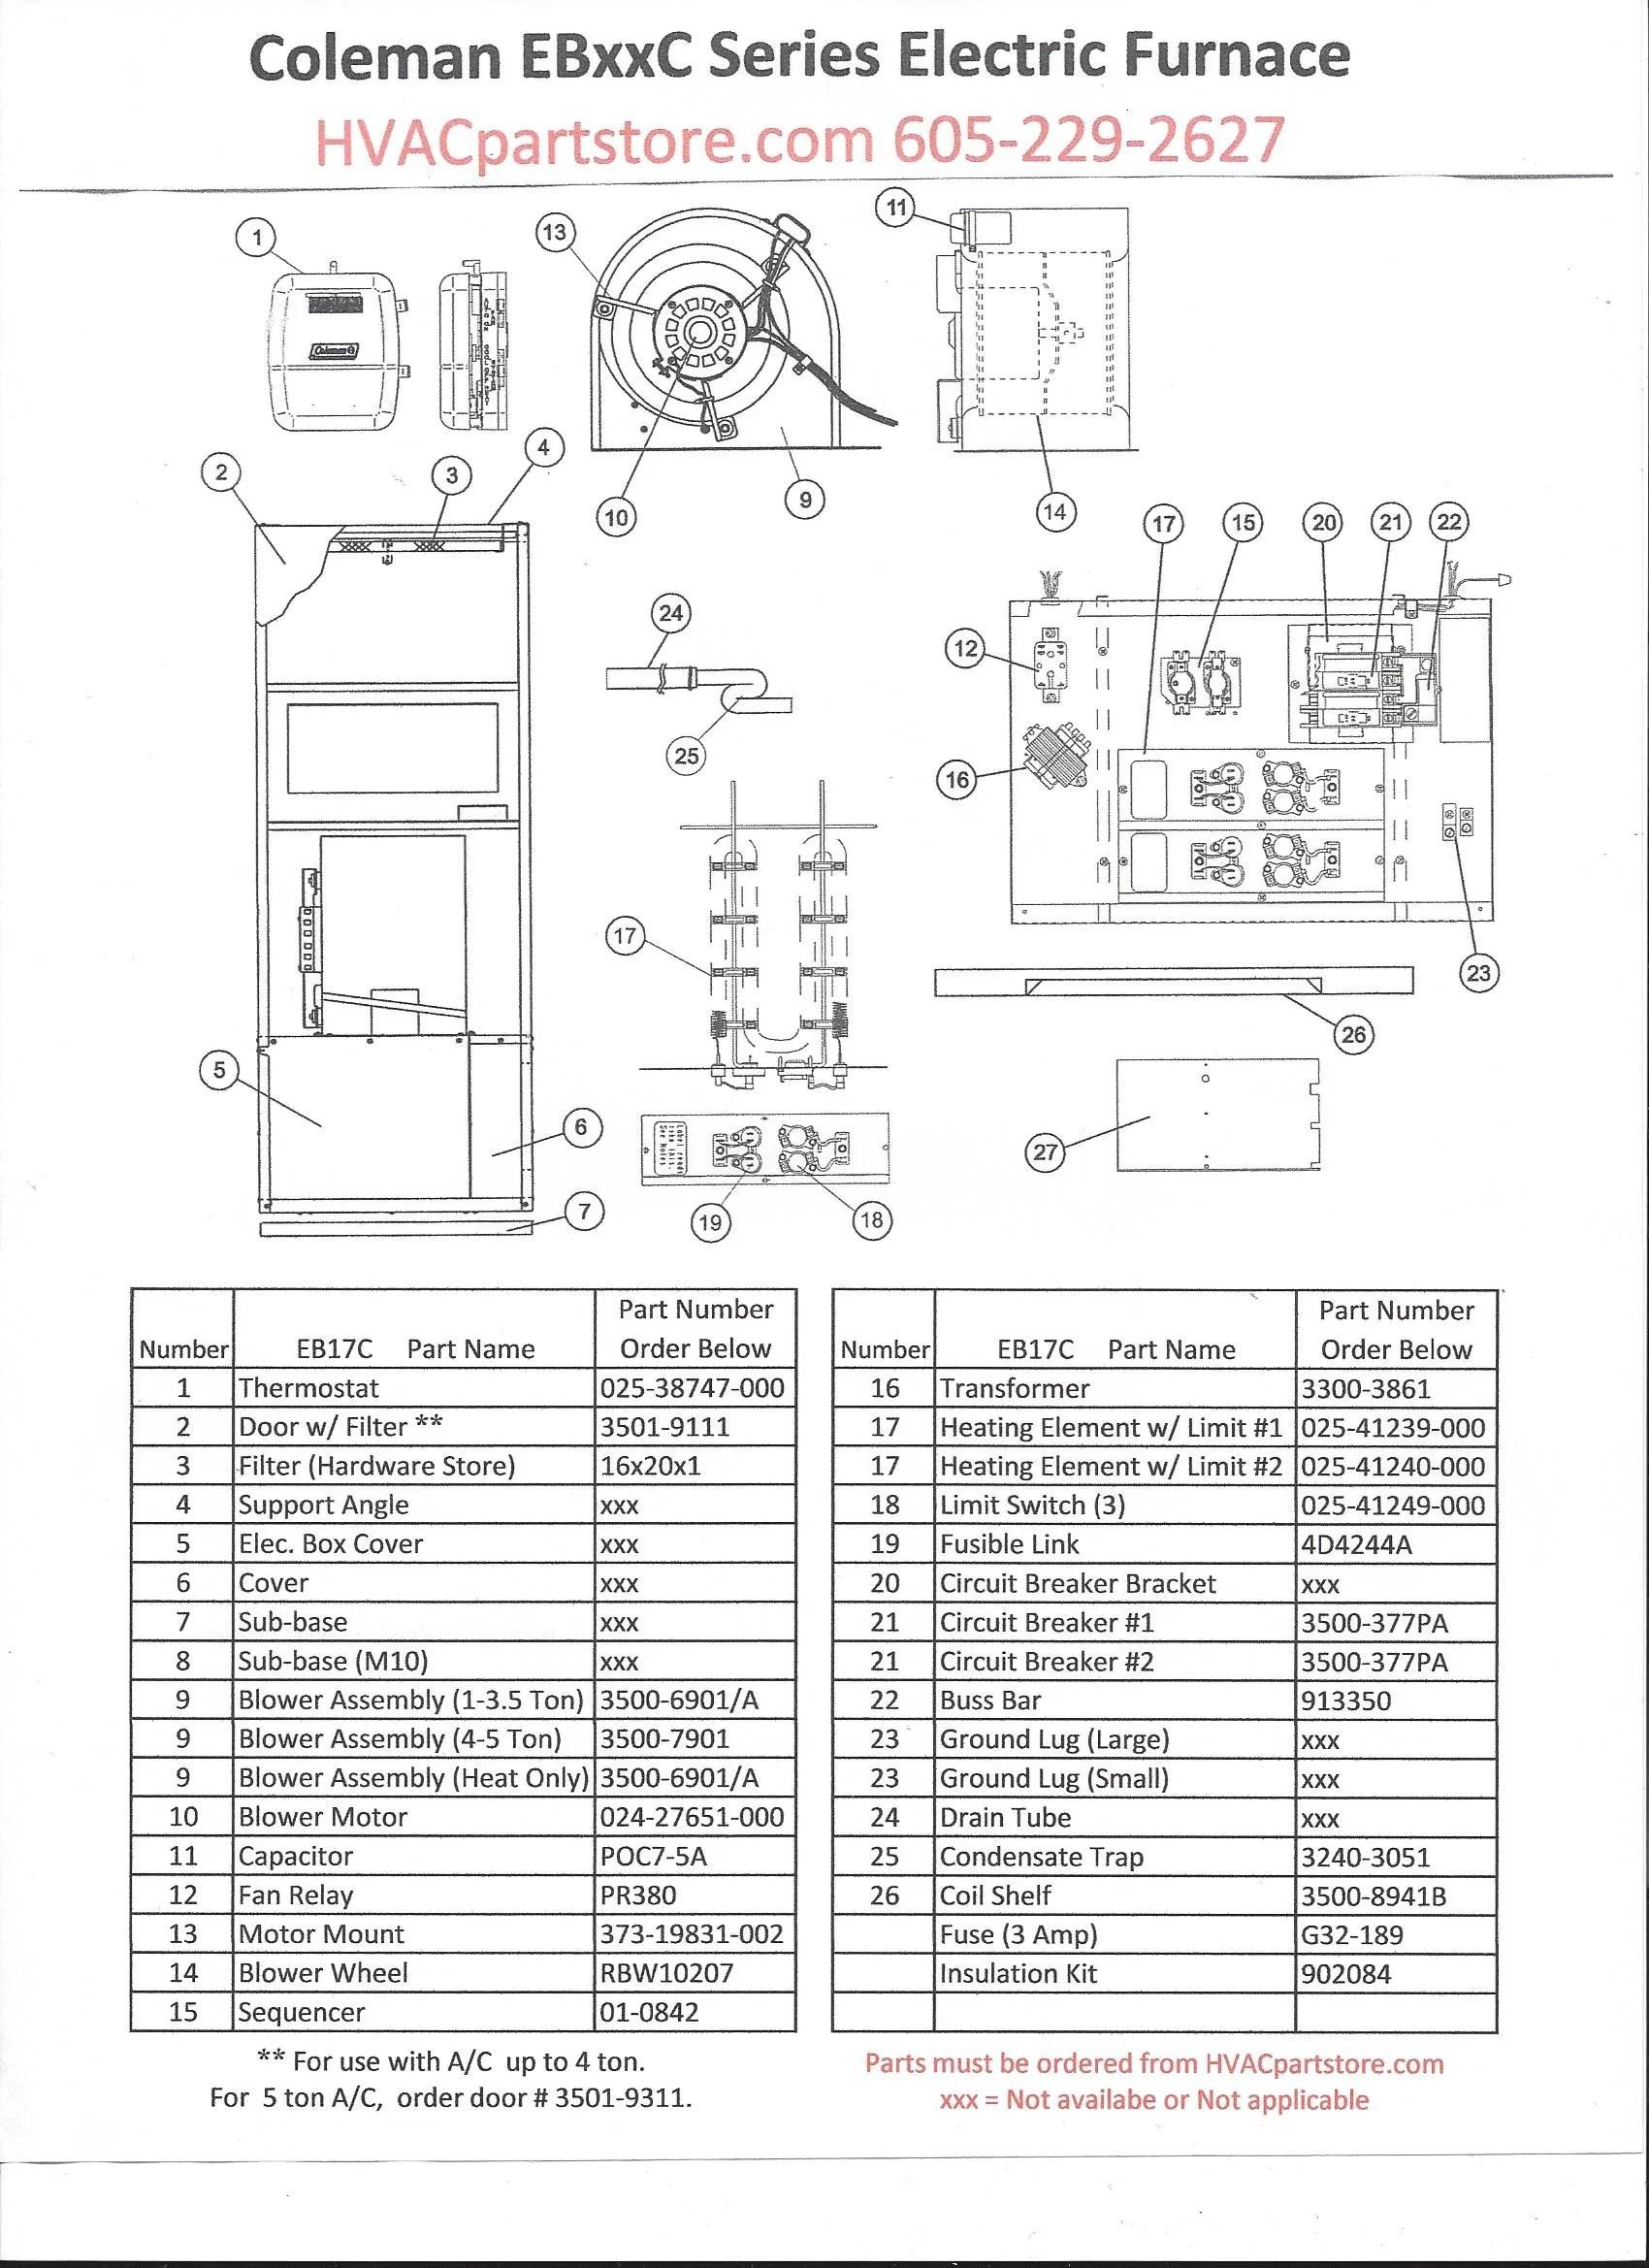 Coleman 7900 Furnace Wiring Diagram : 35 Wiring Diagram